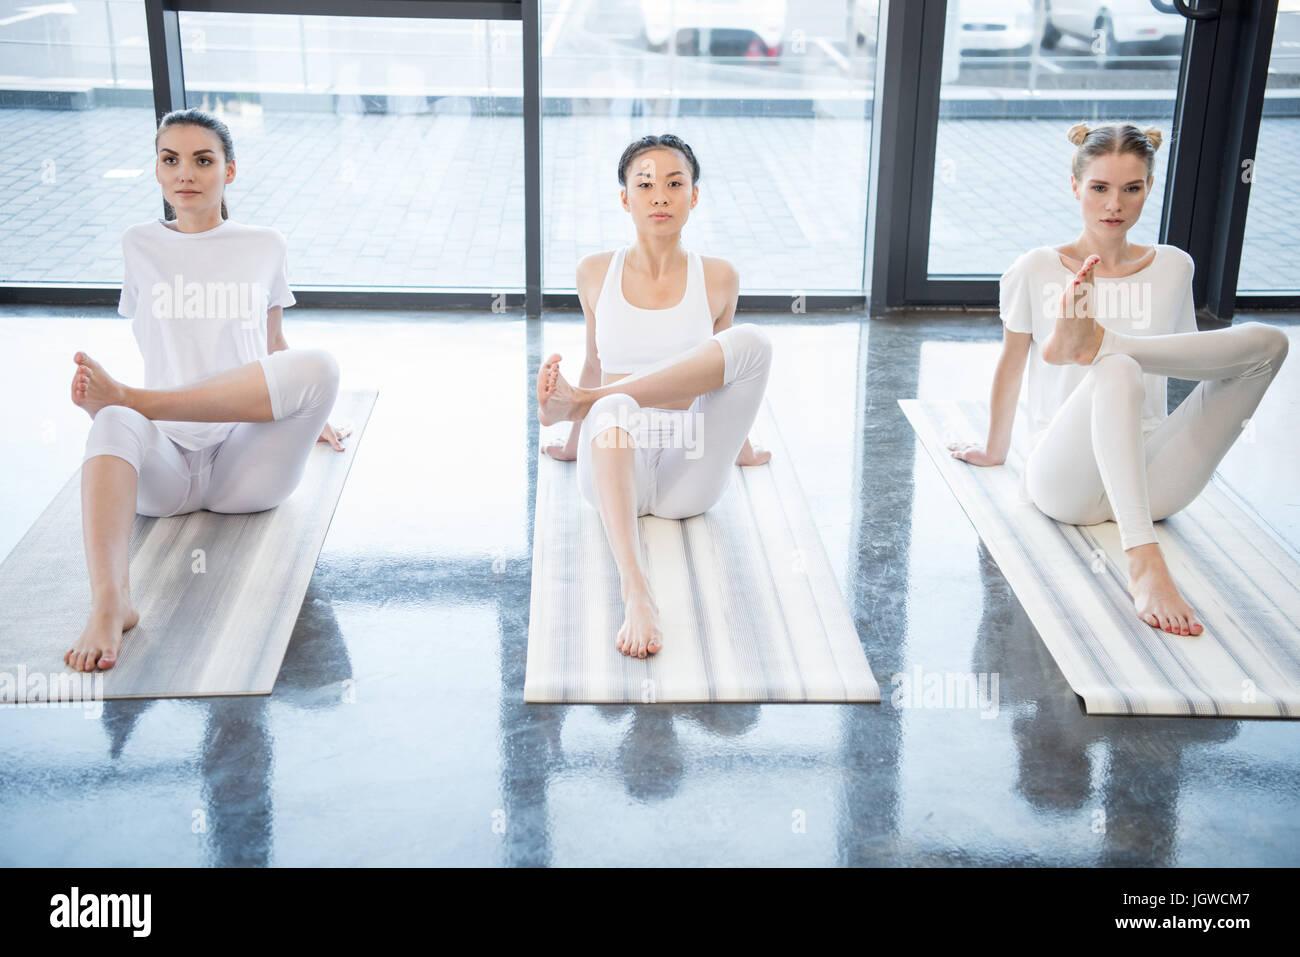 Les jeunes femmes concentré position yoga ensemble sur un tapis de yoga Photo Stock